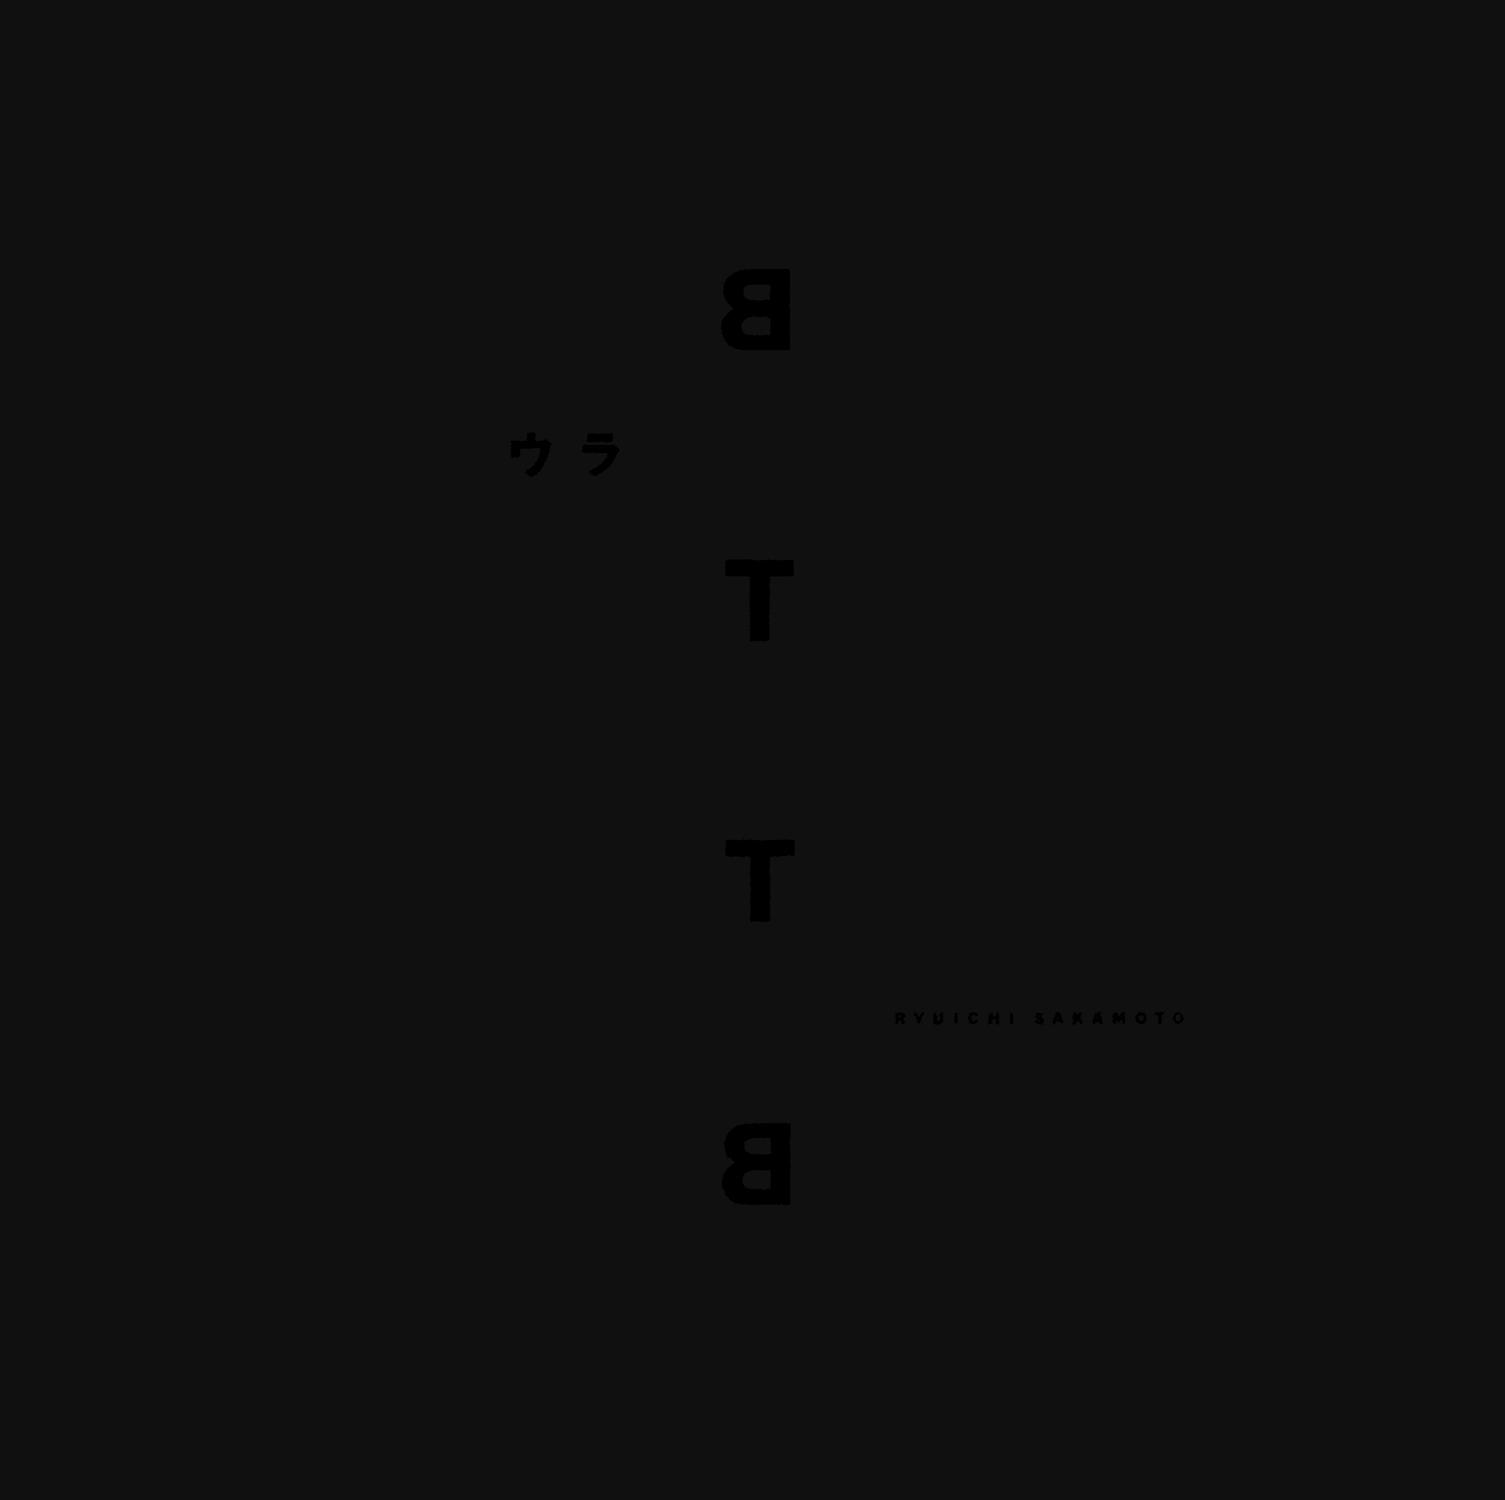 坂本龍一 (さかもとりゅういち) 1999年のマキシシングル『ウラBTTB』高画質ジャケット画像